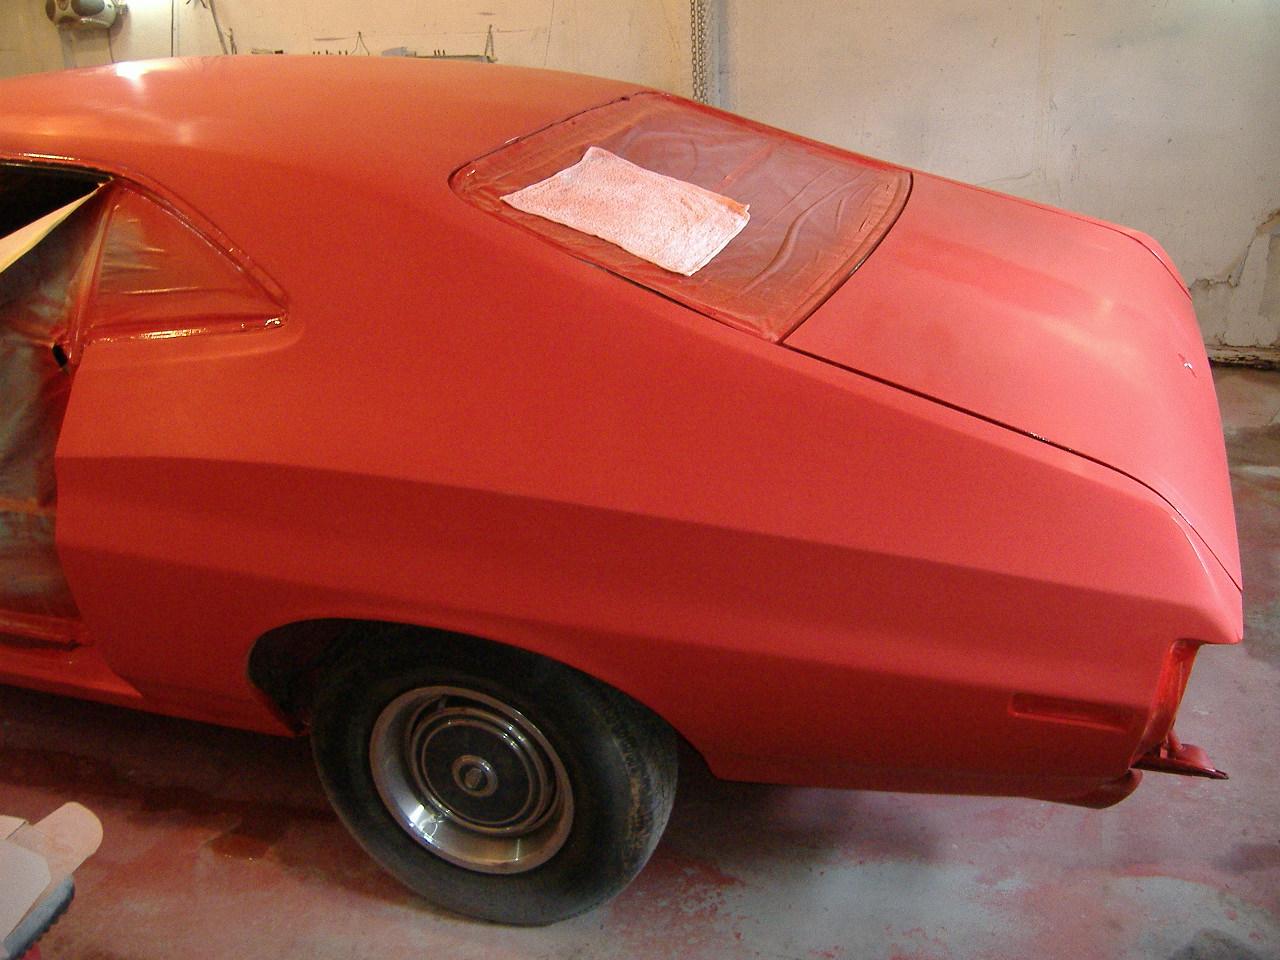 Gran Torino Auto 2020 New Car Reviews Models Detomaso Pantera Wiring Diagram 1972 Ford Sport Paint